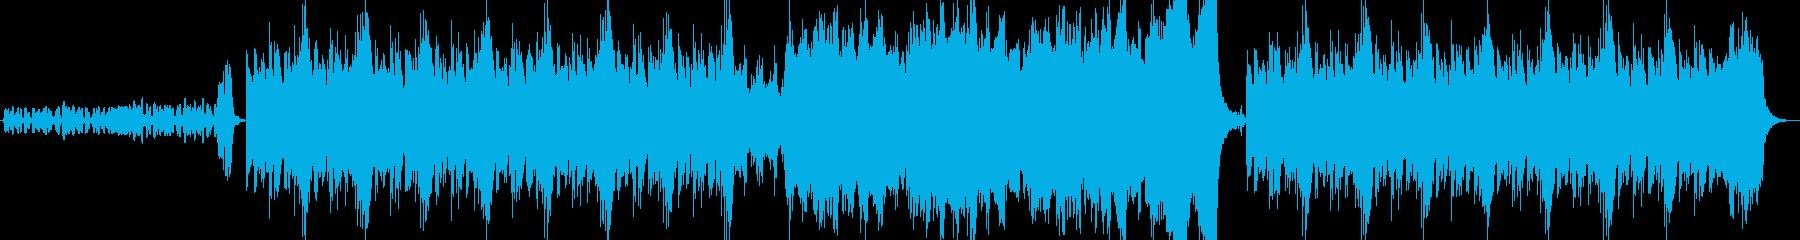 にぎやかなギルドのクラシックの再生済みの波形